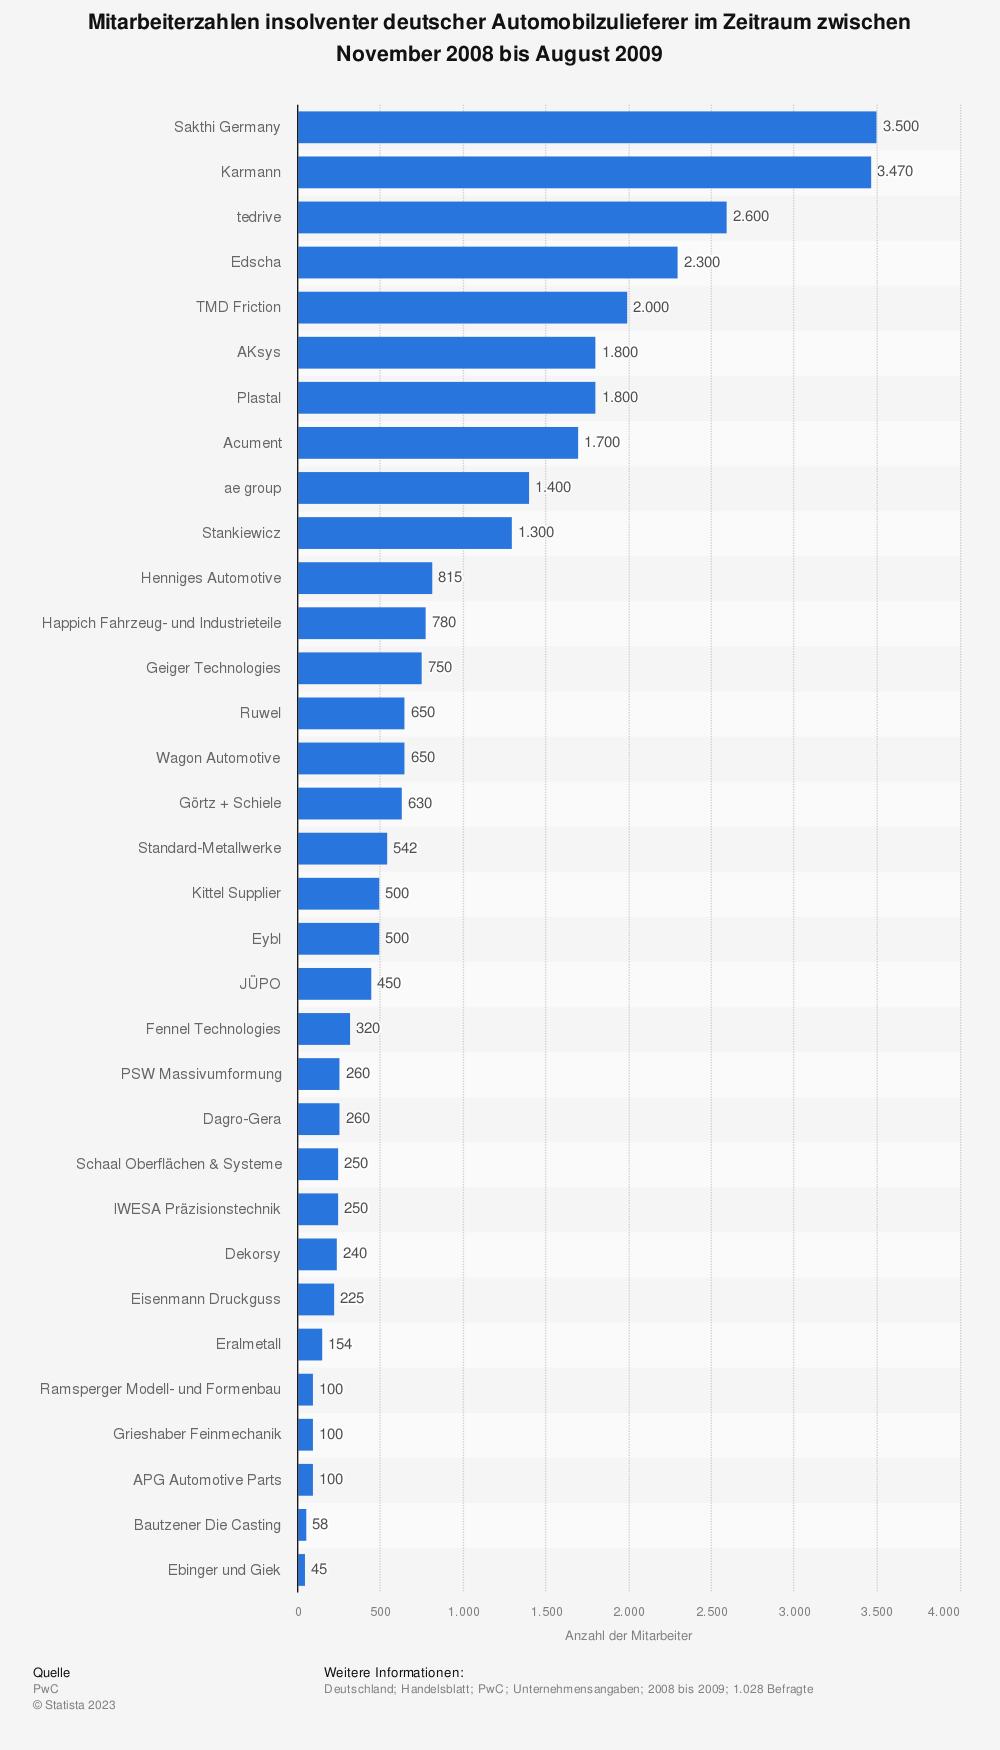 Statistik: Mitarbeiterzahlen insolventer deutscher Automobilzulieferer im Zeitraum zwischen November 2008 bis August 2009 | Statista